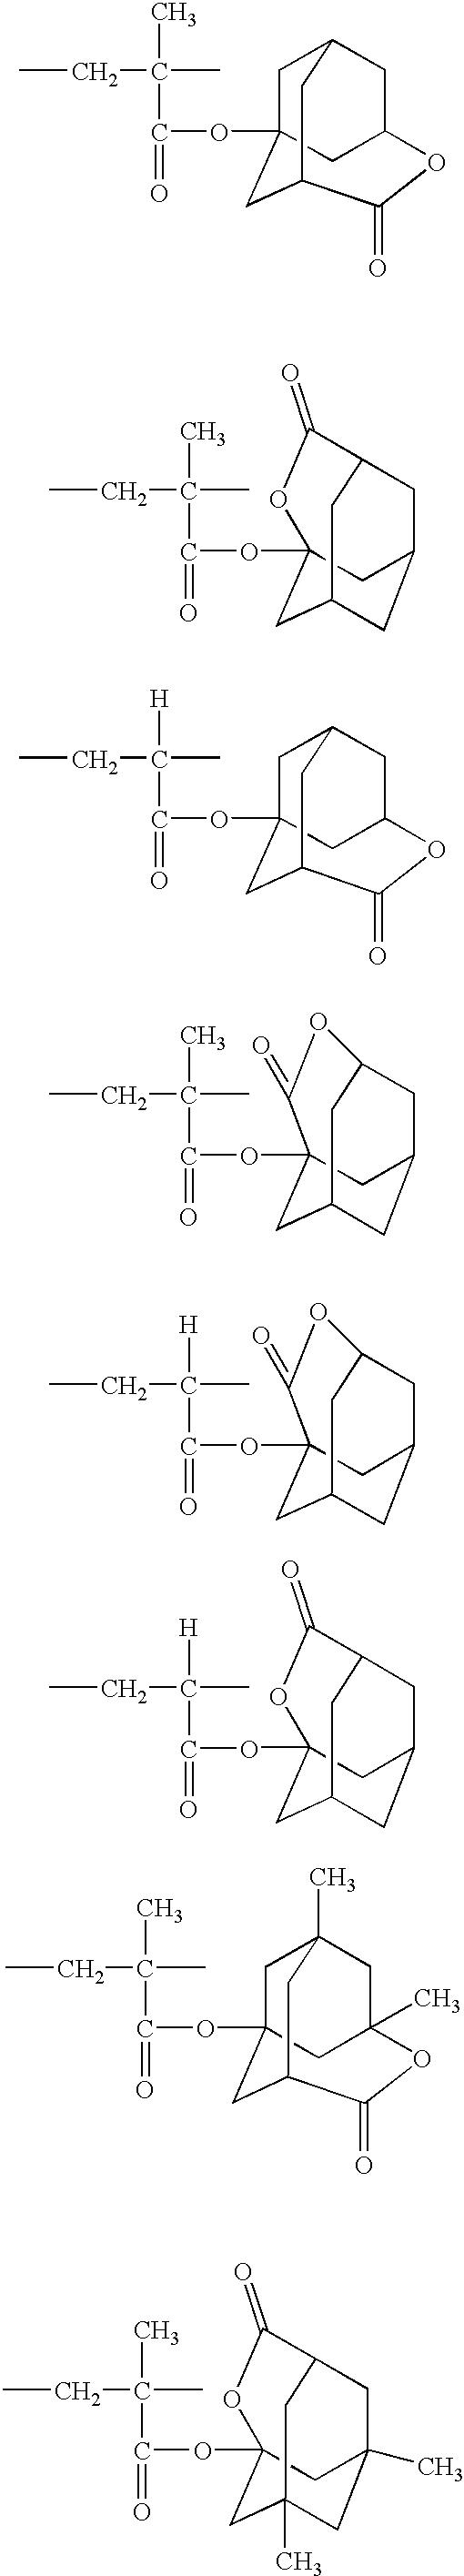 Figure US06492091-20021210-C00046